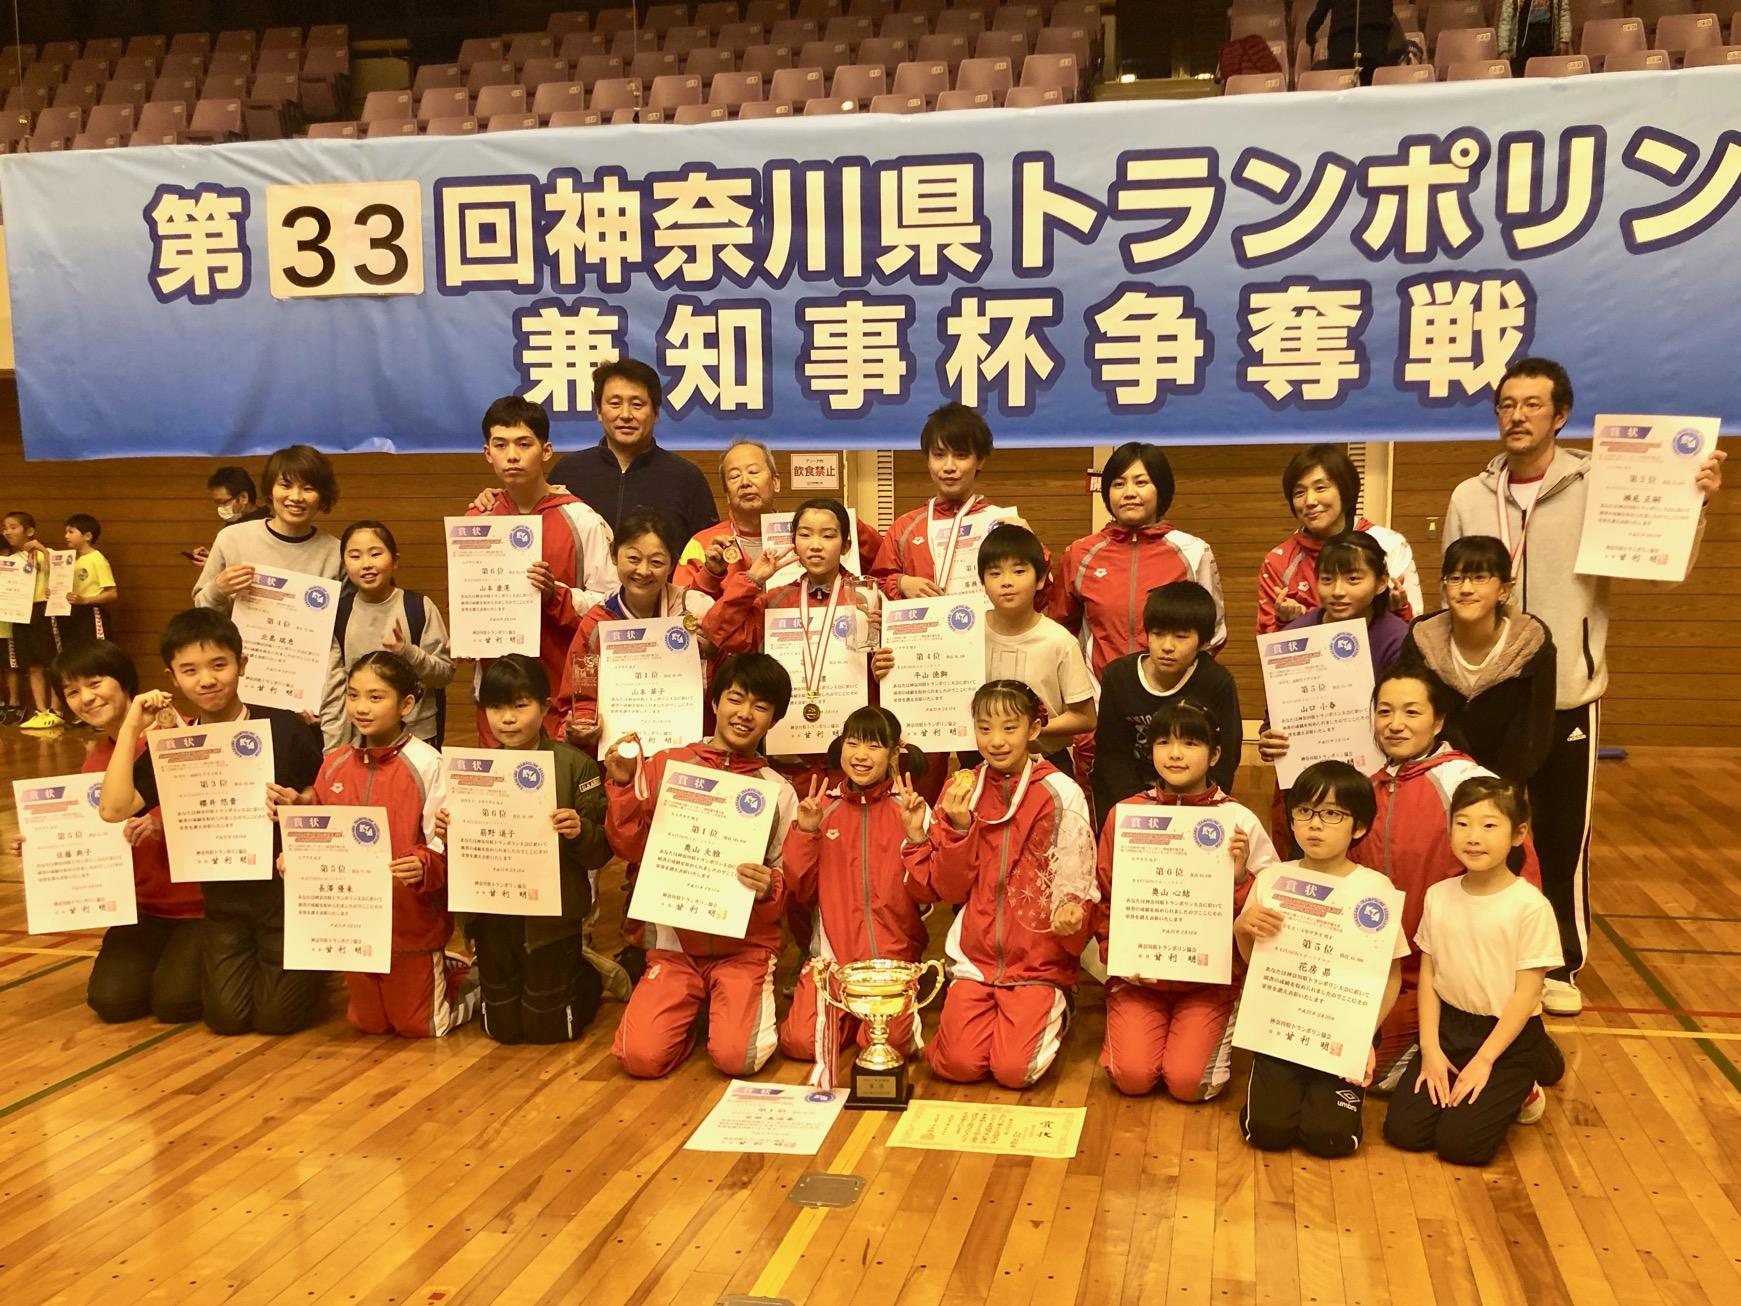 第33回神奈川県トランポリン大会 (神奈川県知事杯争奪戦)